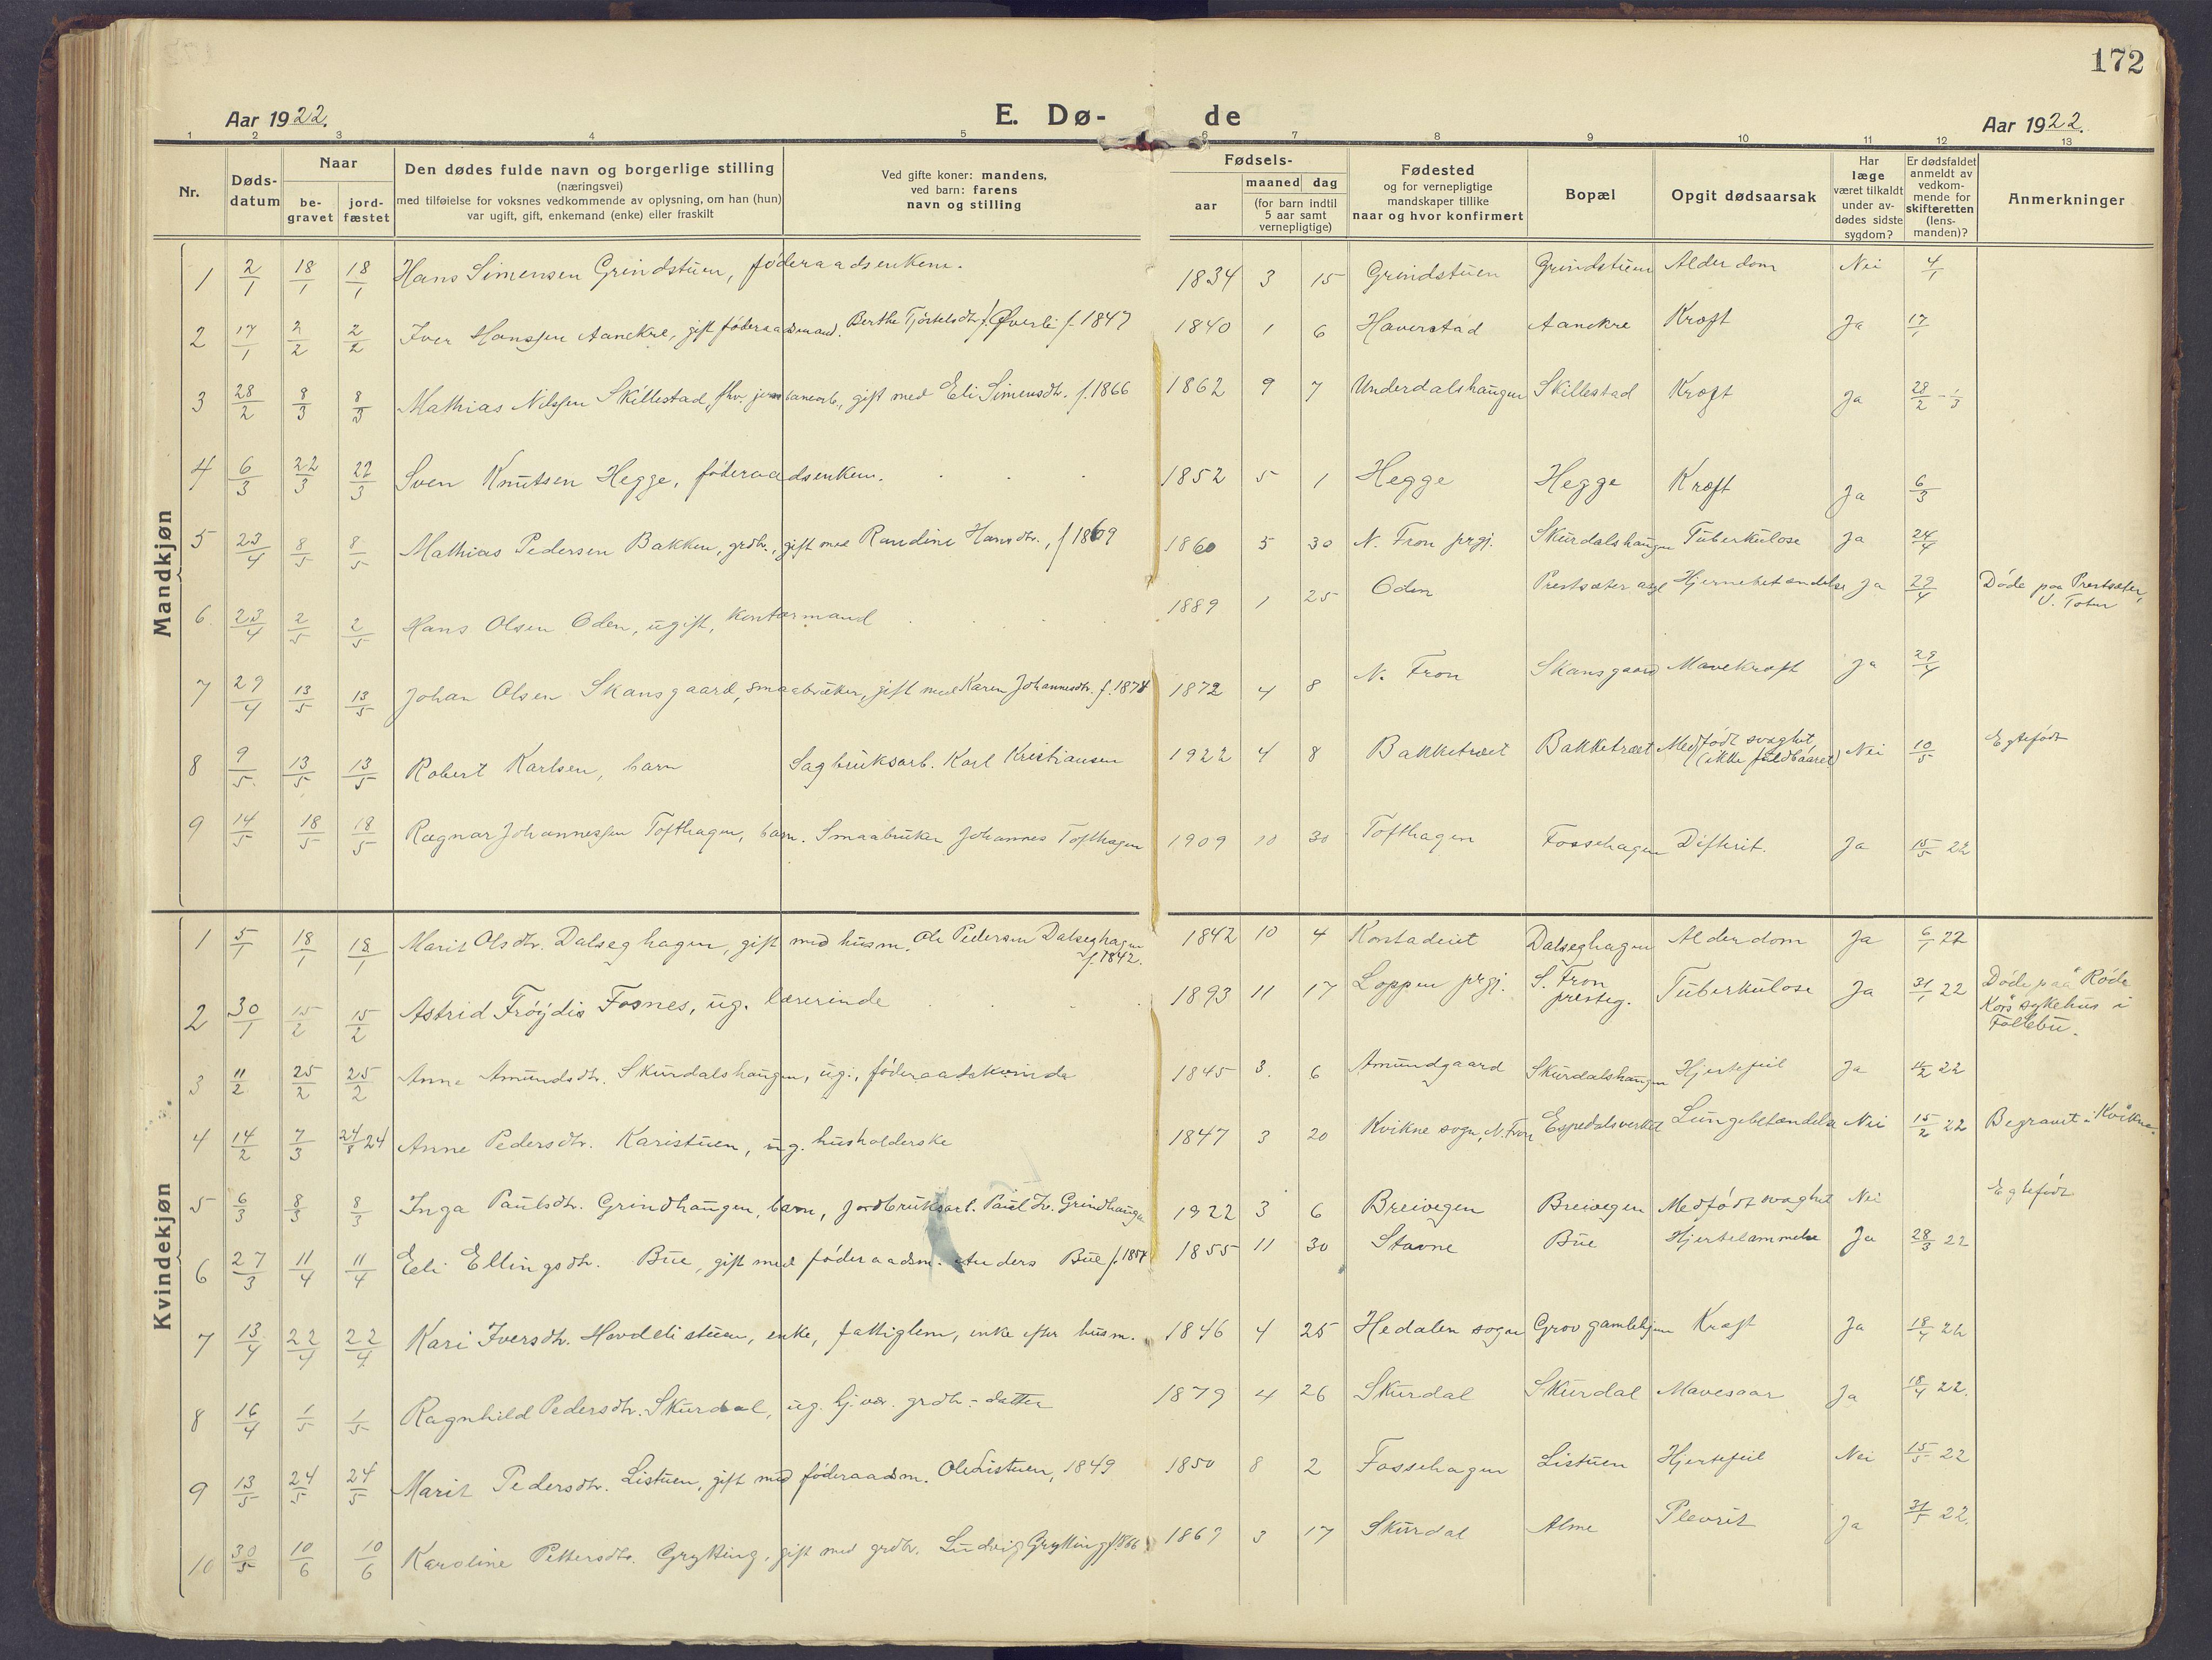 SAH, Sør-Fron prestekontor, H/Ha/Haa/L0005: Parish register (official) no. 5, 1920-1933, p. 172